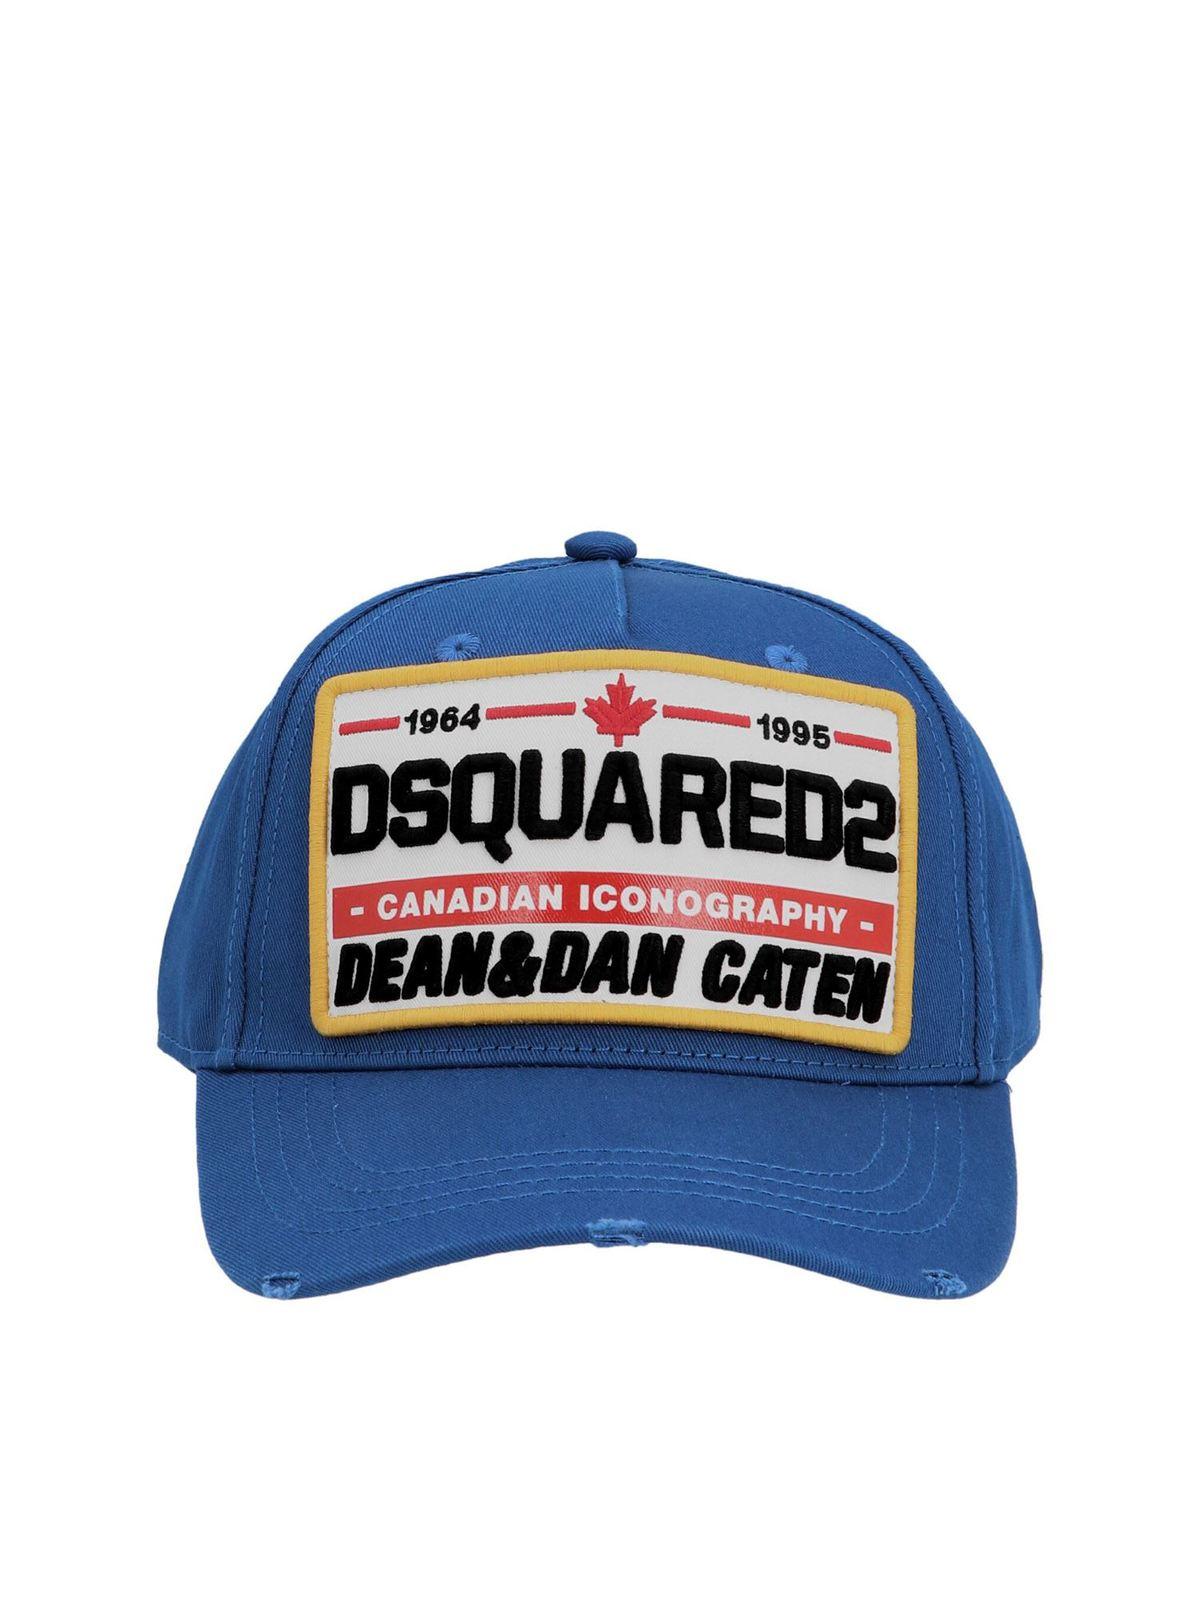 Dsquared2 BASEBALL CAP IN BLUE